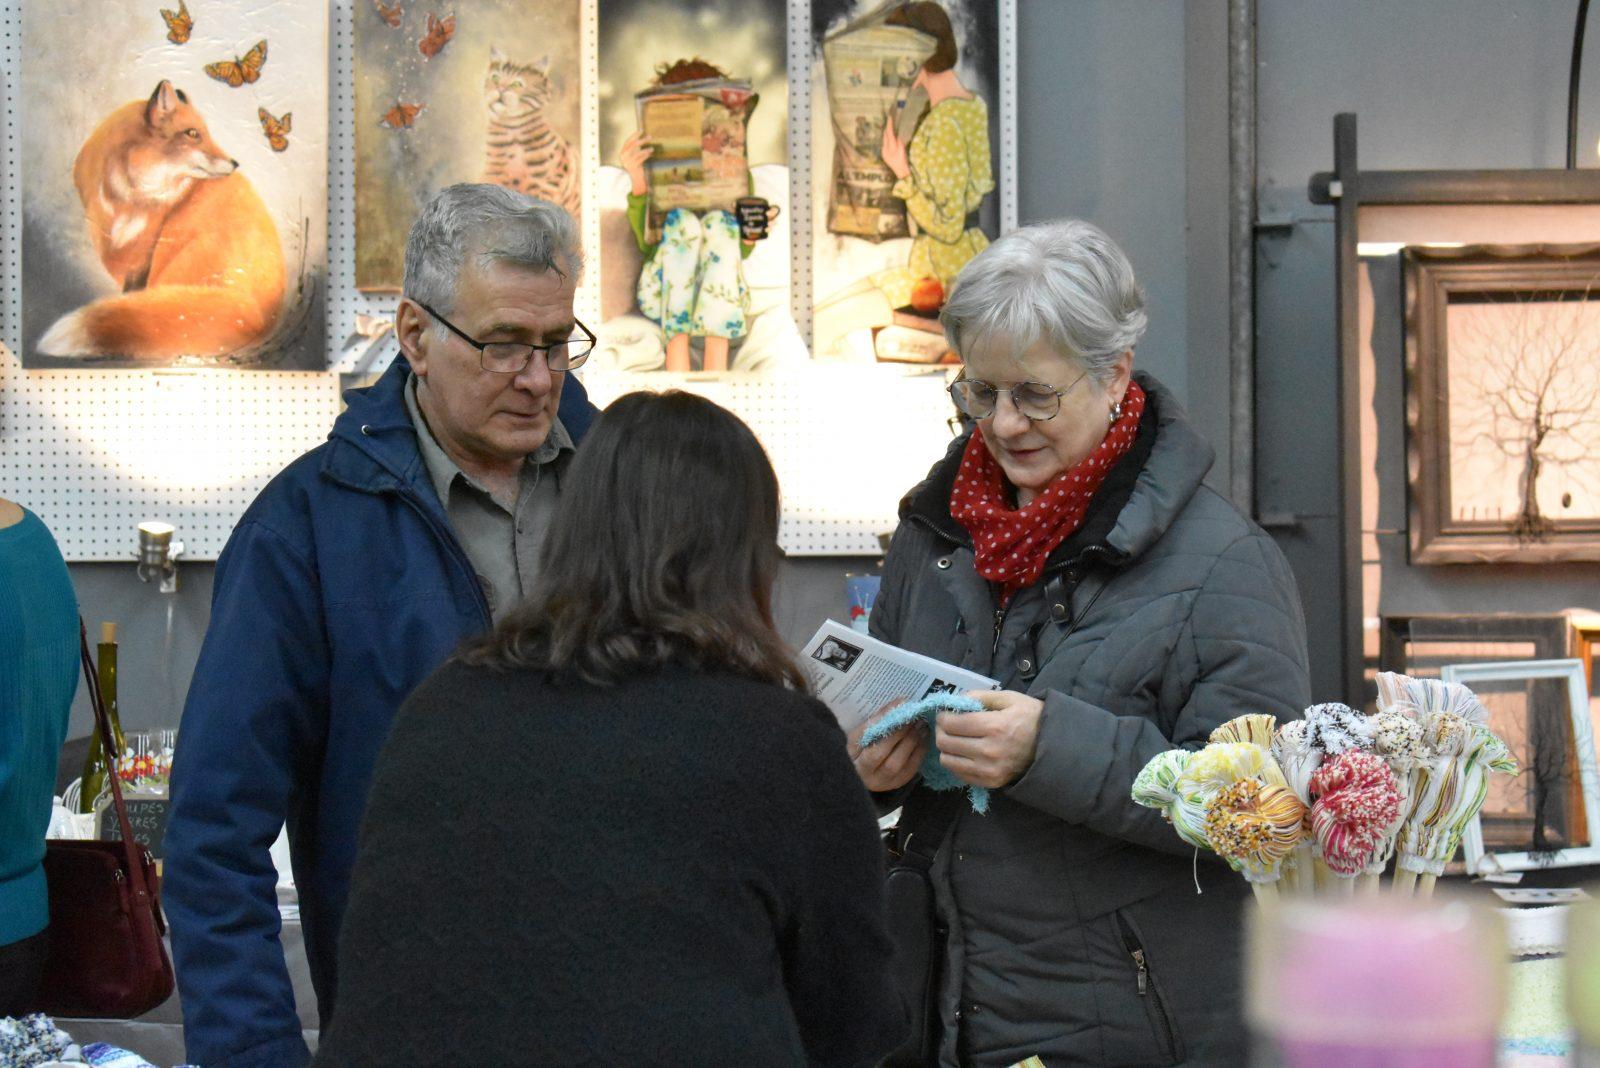 Le Salon des artisans, entre traditions et nouveautés